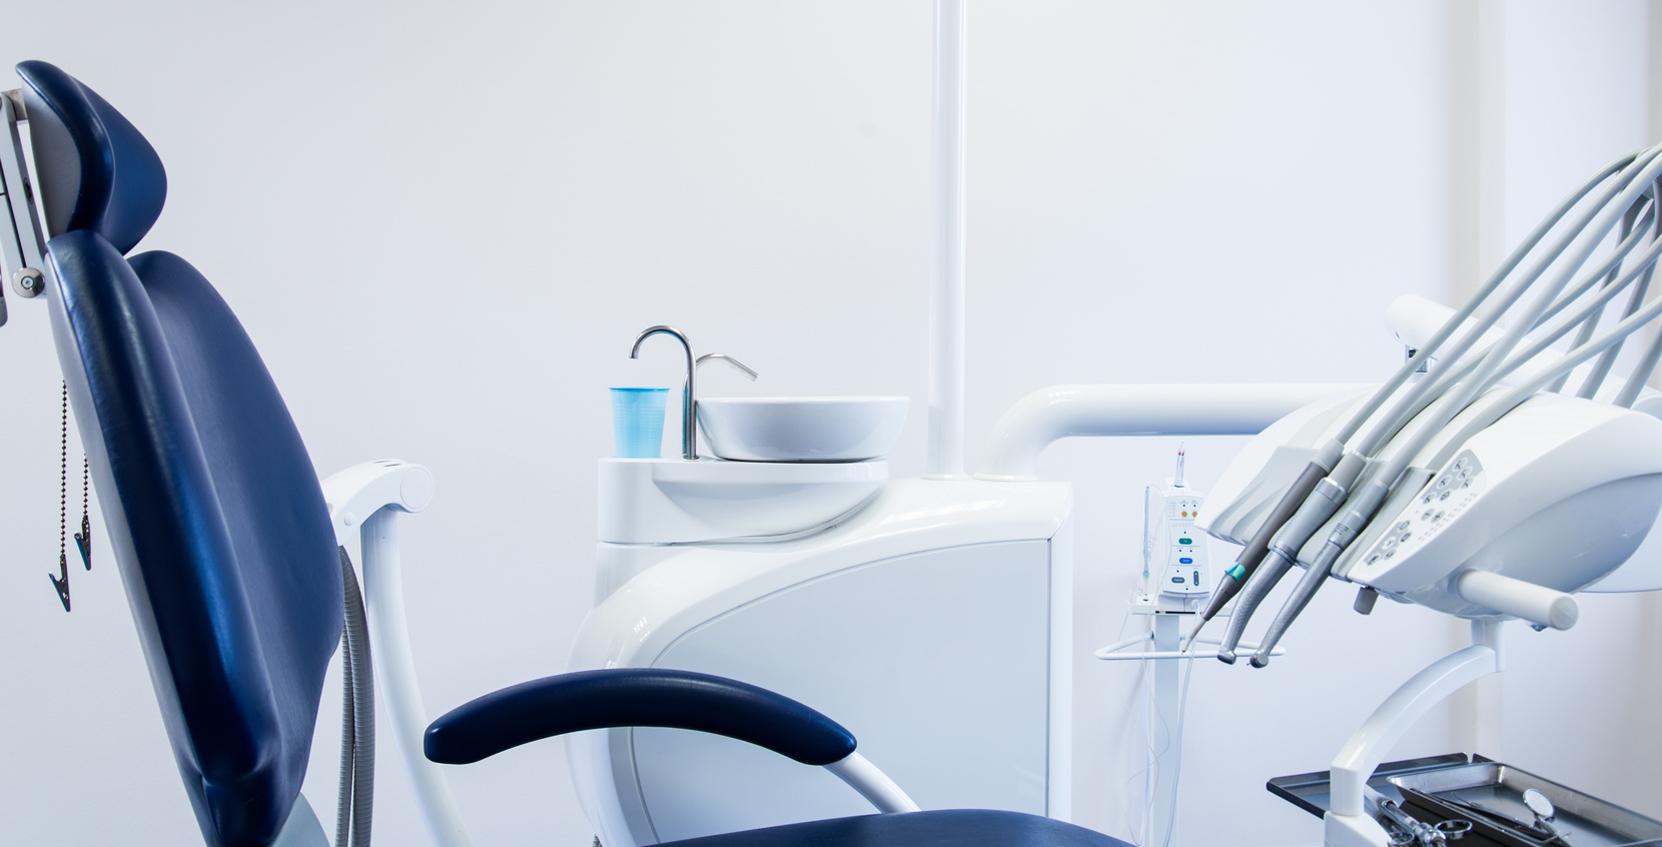 Studio dentistico Dott. Lanfranco Ghilardi Cremona